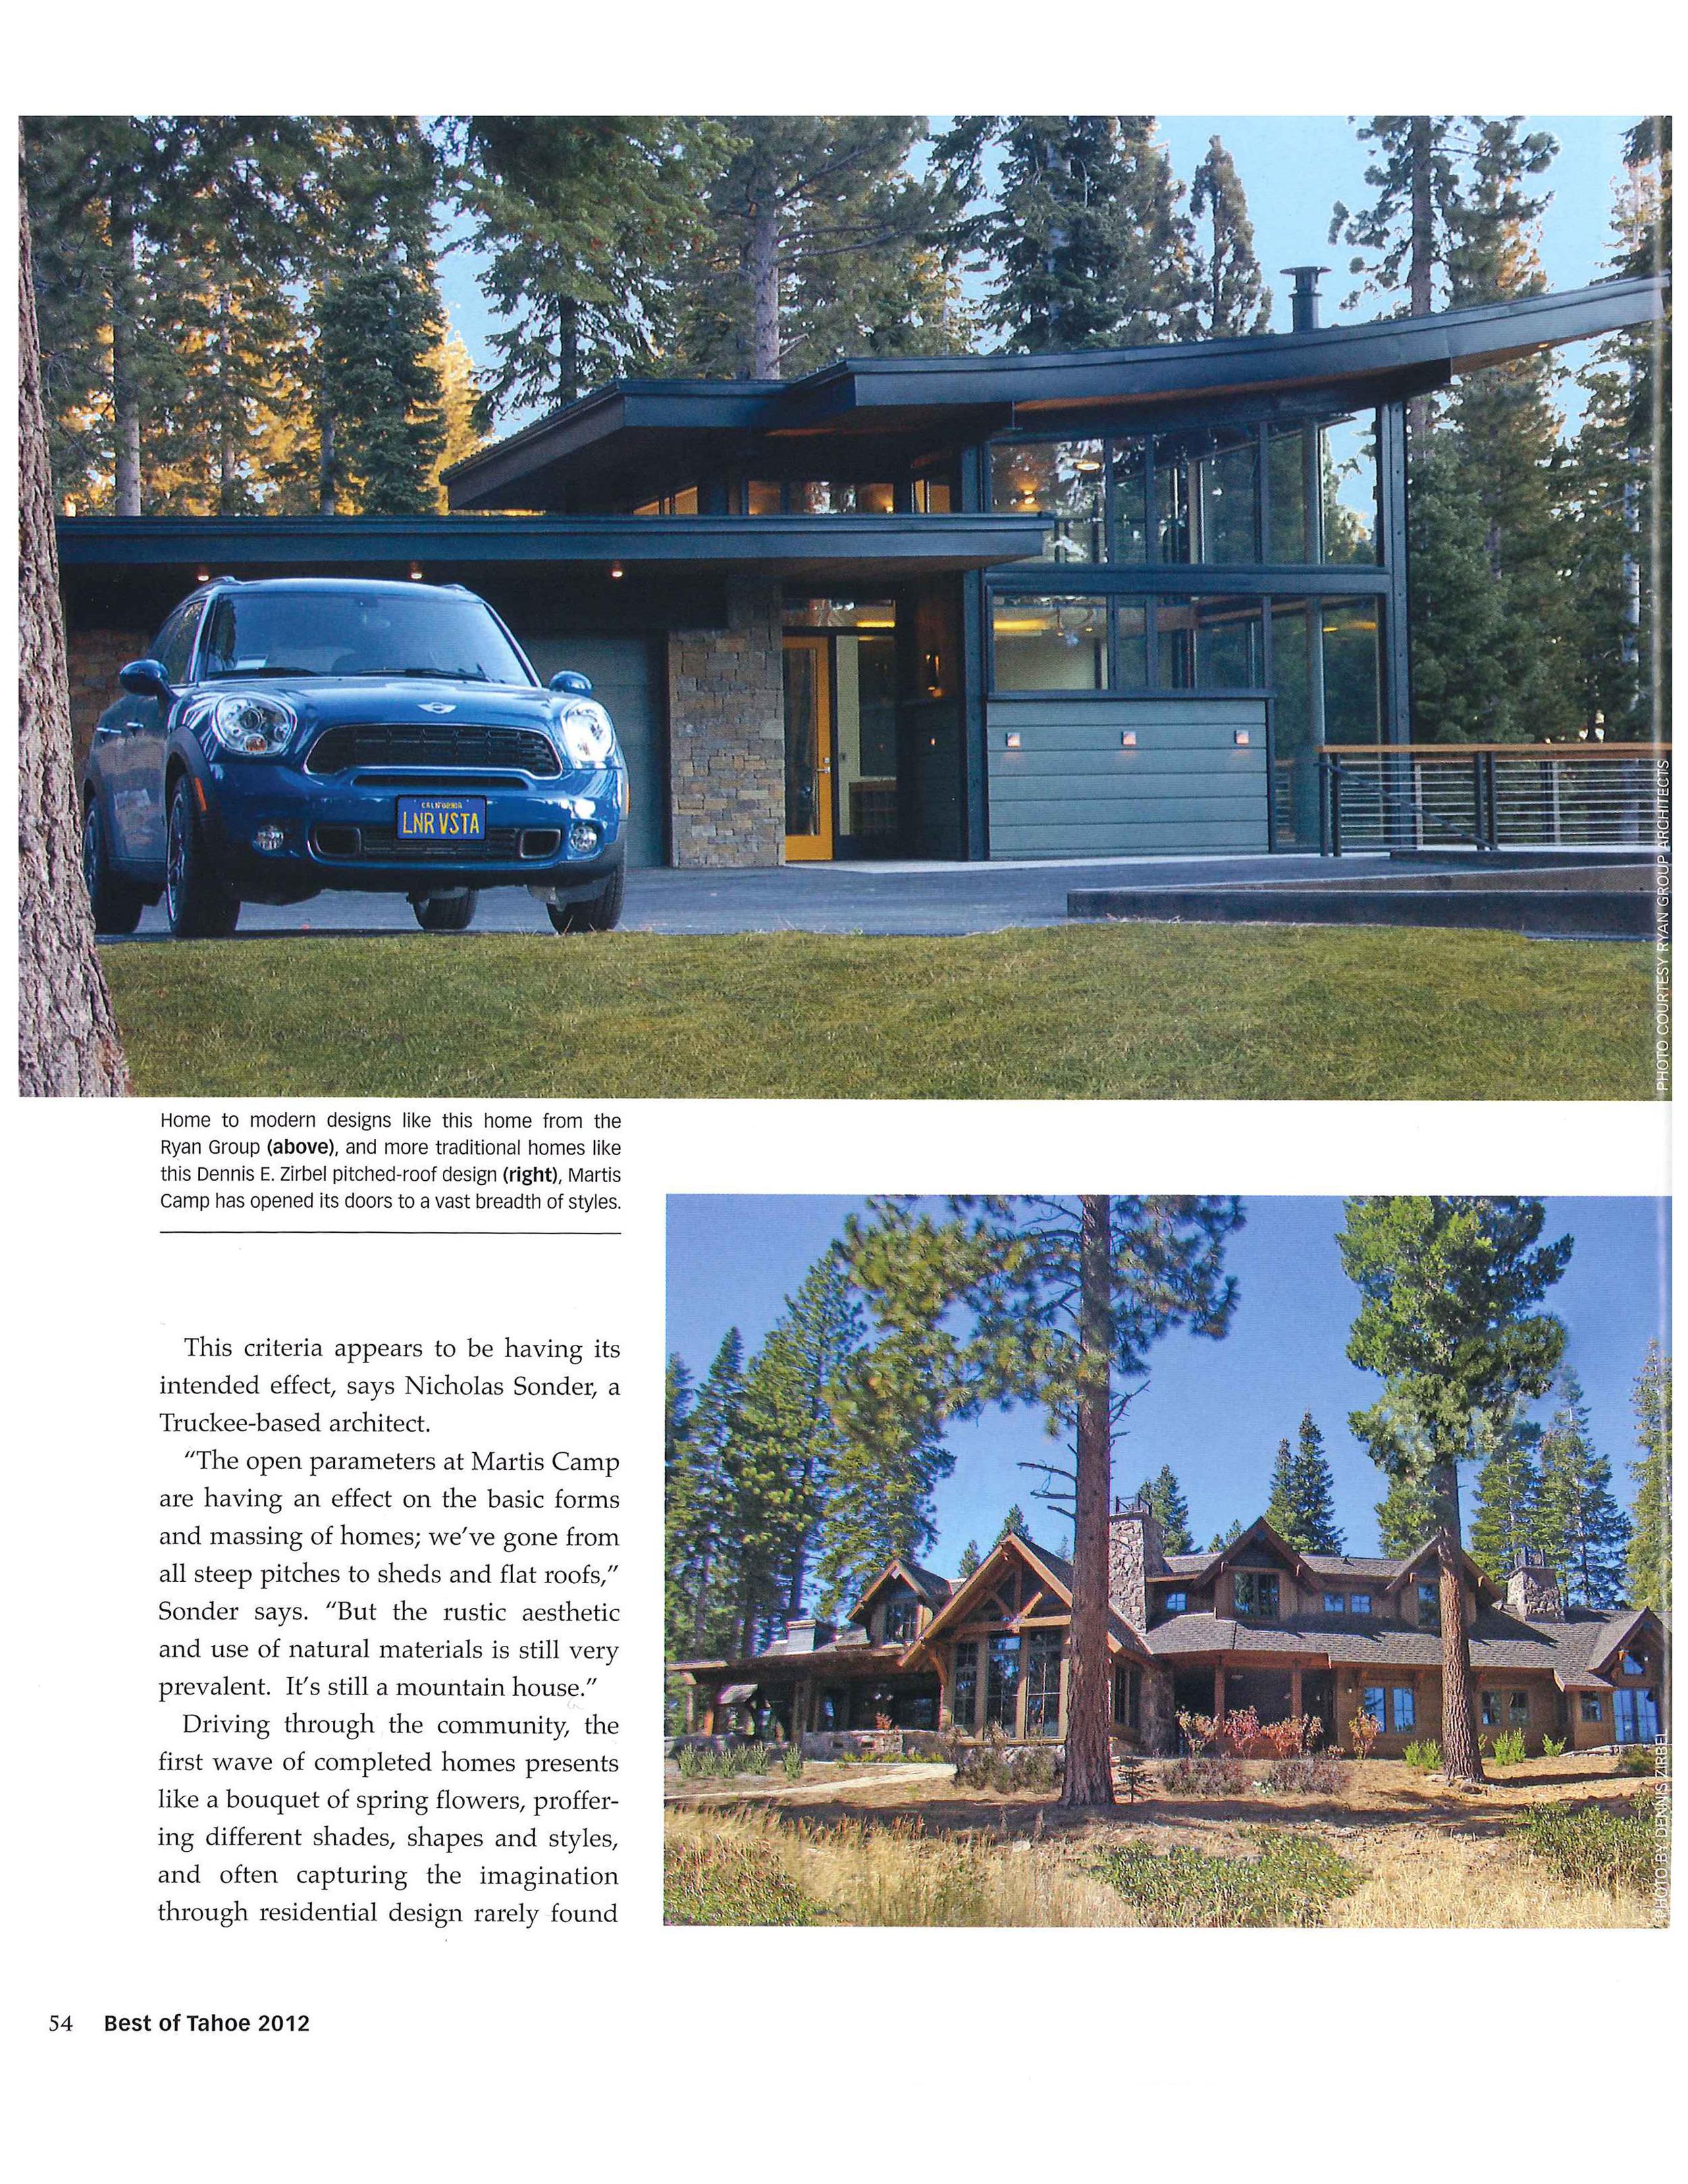 2012 Best of Tahoe3.jpg